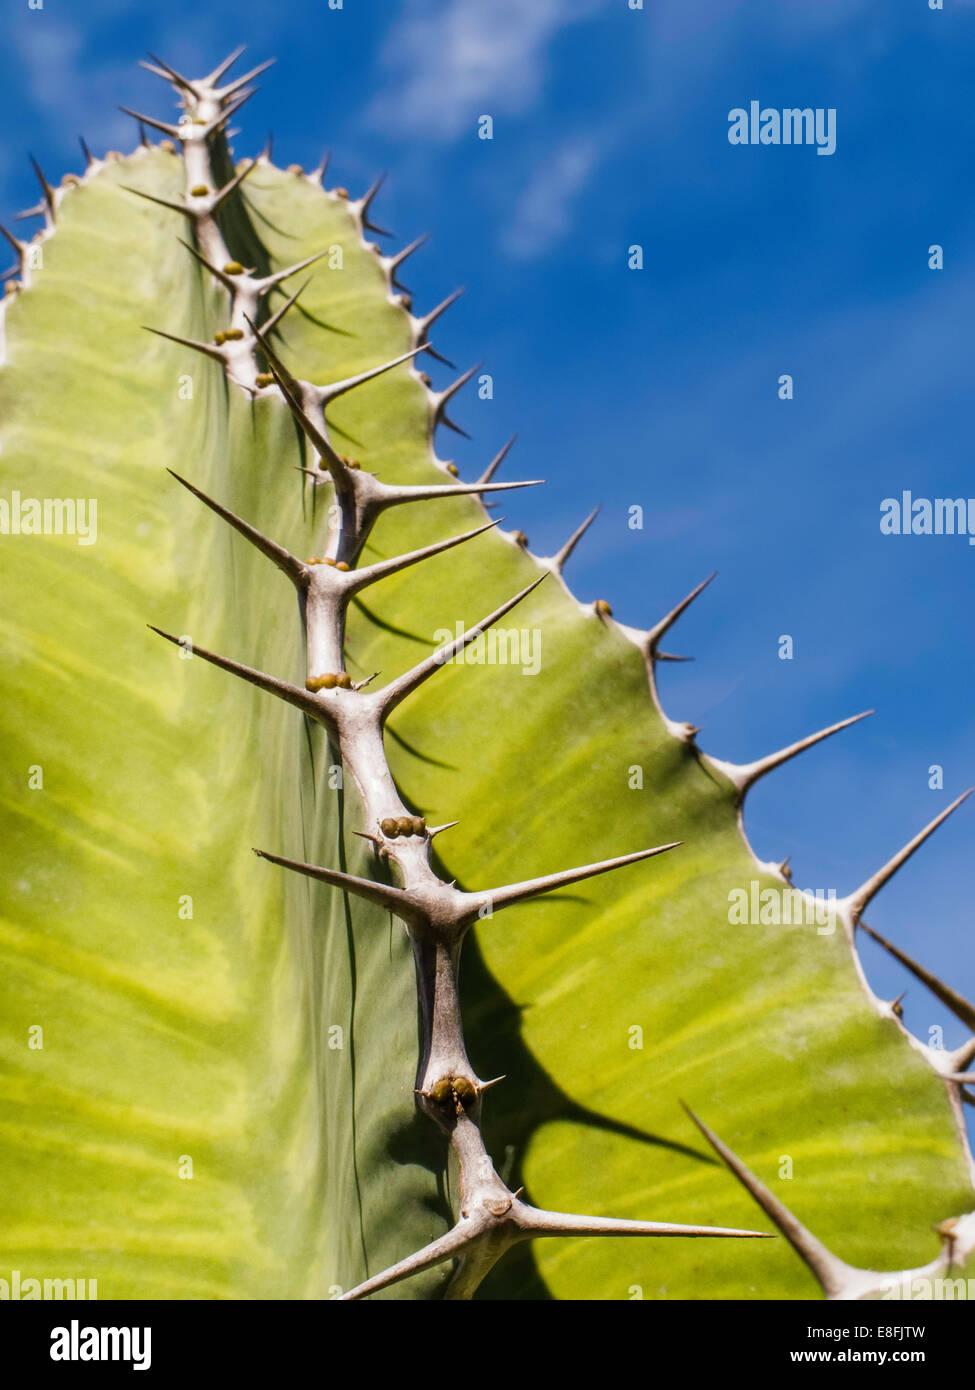 USA, Florida, Miami, Comté de Miami-Dade, vert plante succulente épineuse Photo Stock